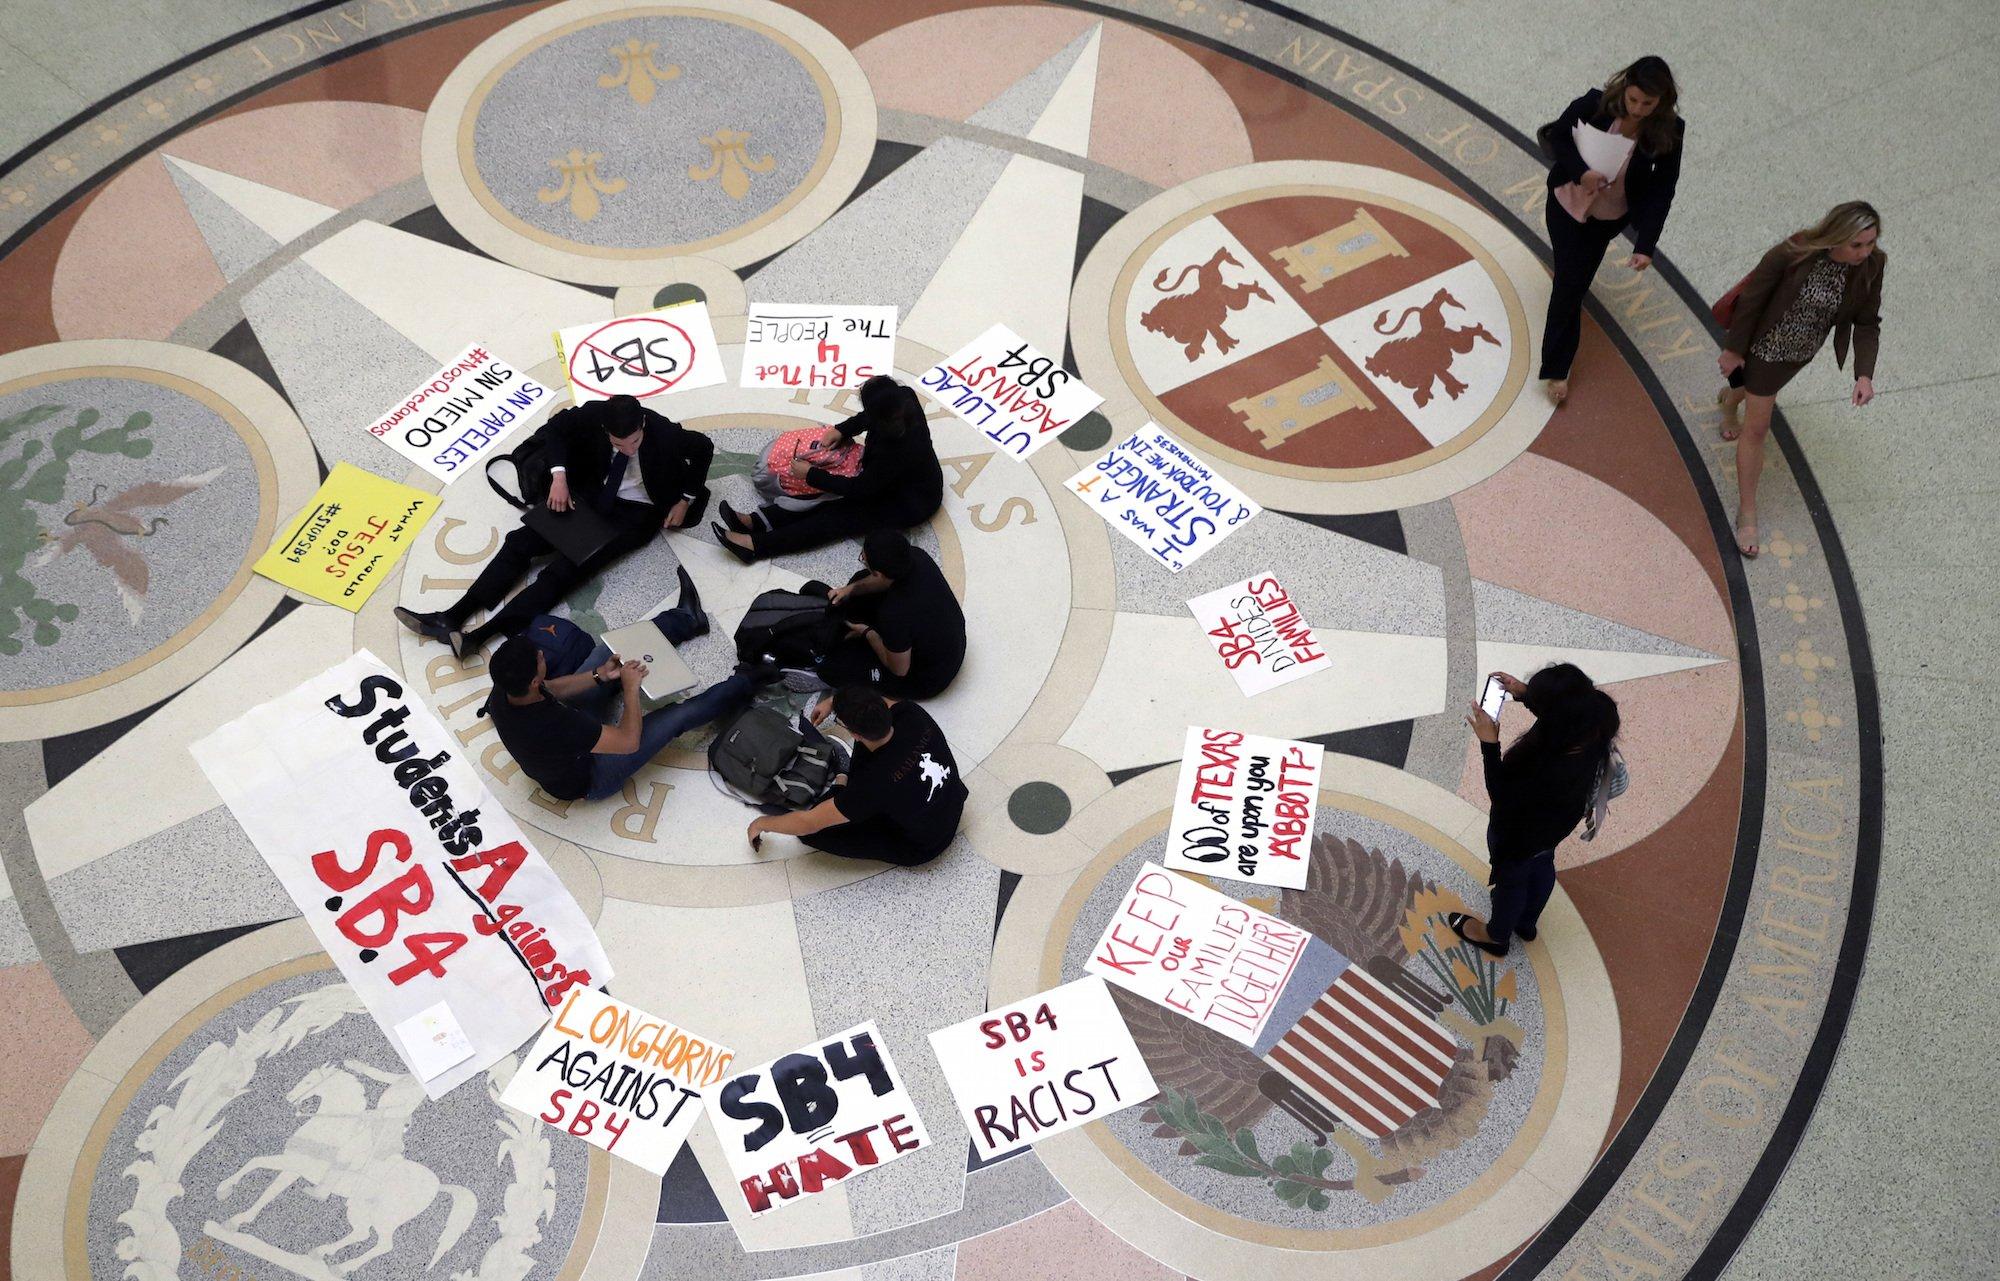 Протесты в Техасе. Фото: businessinsider.com